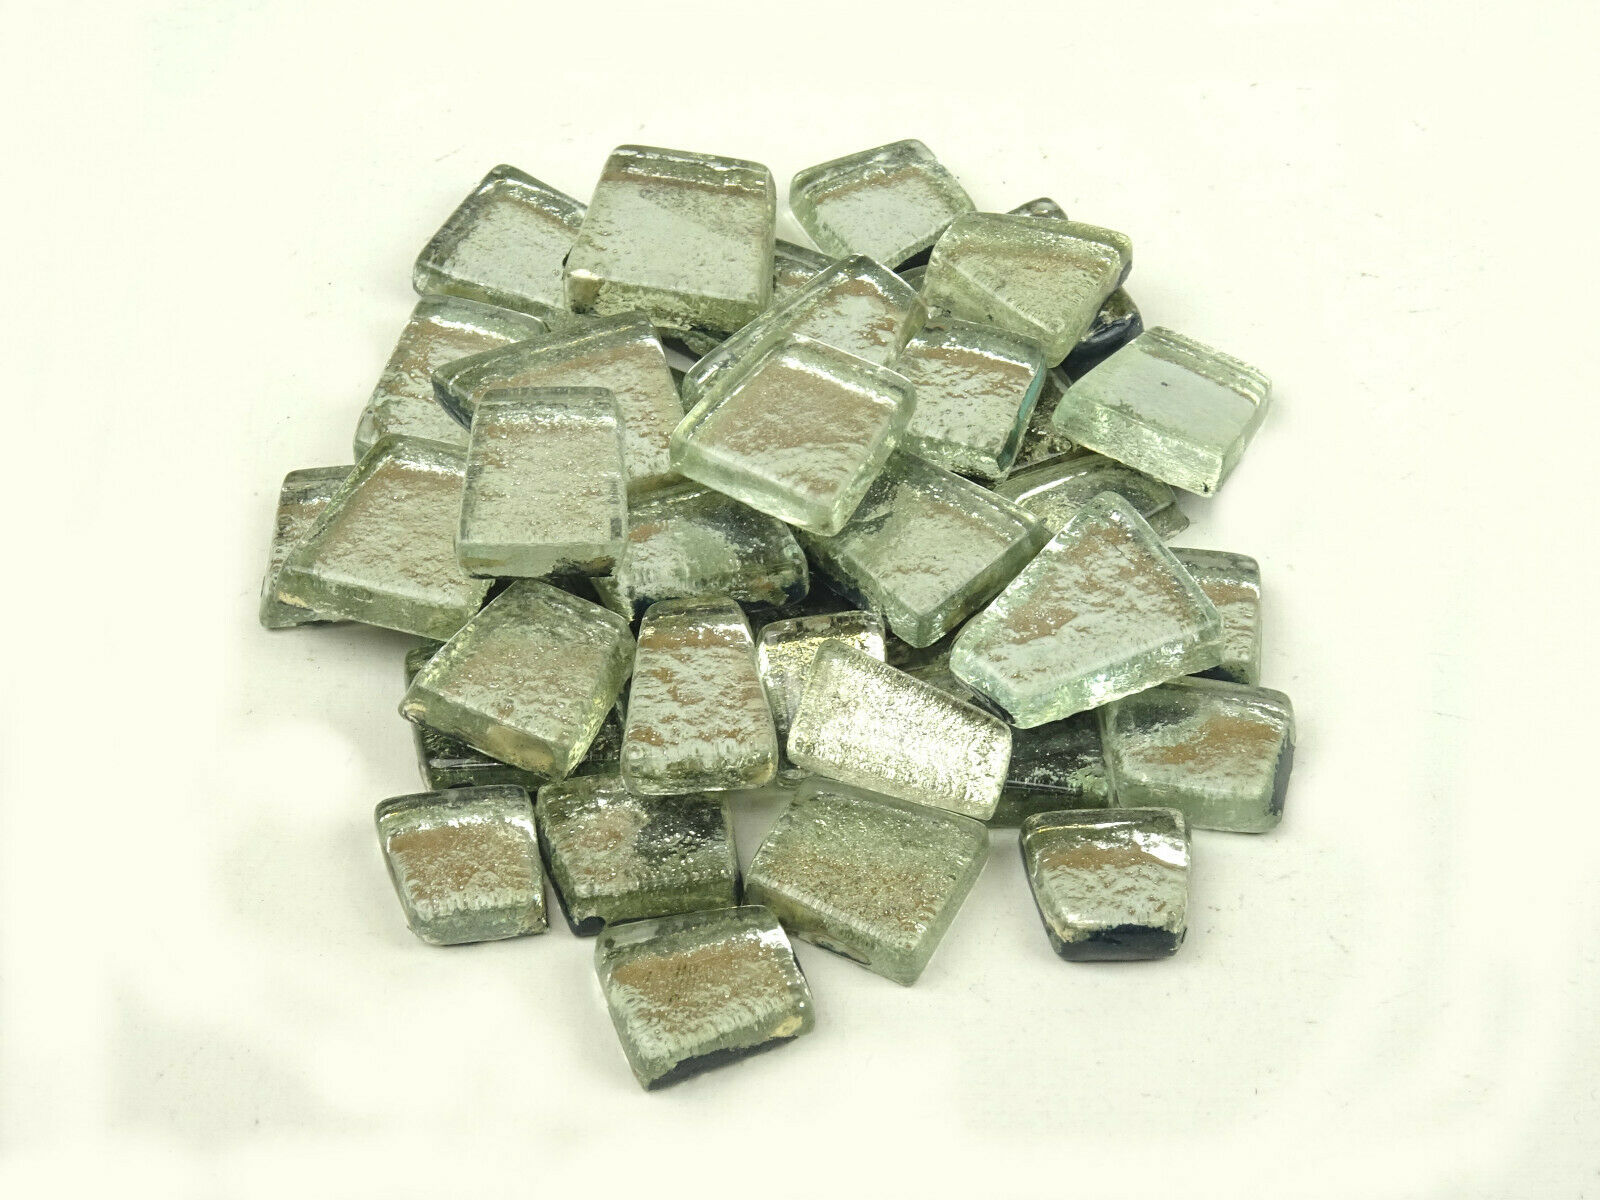 100 grams of Antique stones Cadmium Green Mosaic Tiles Tesserae